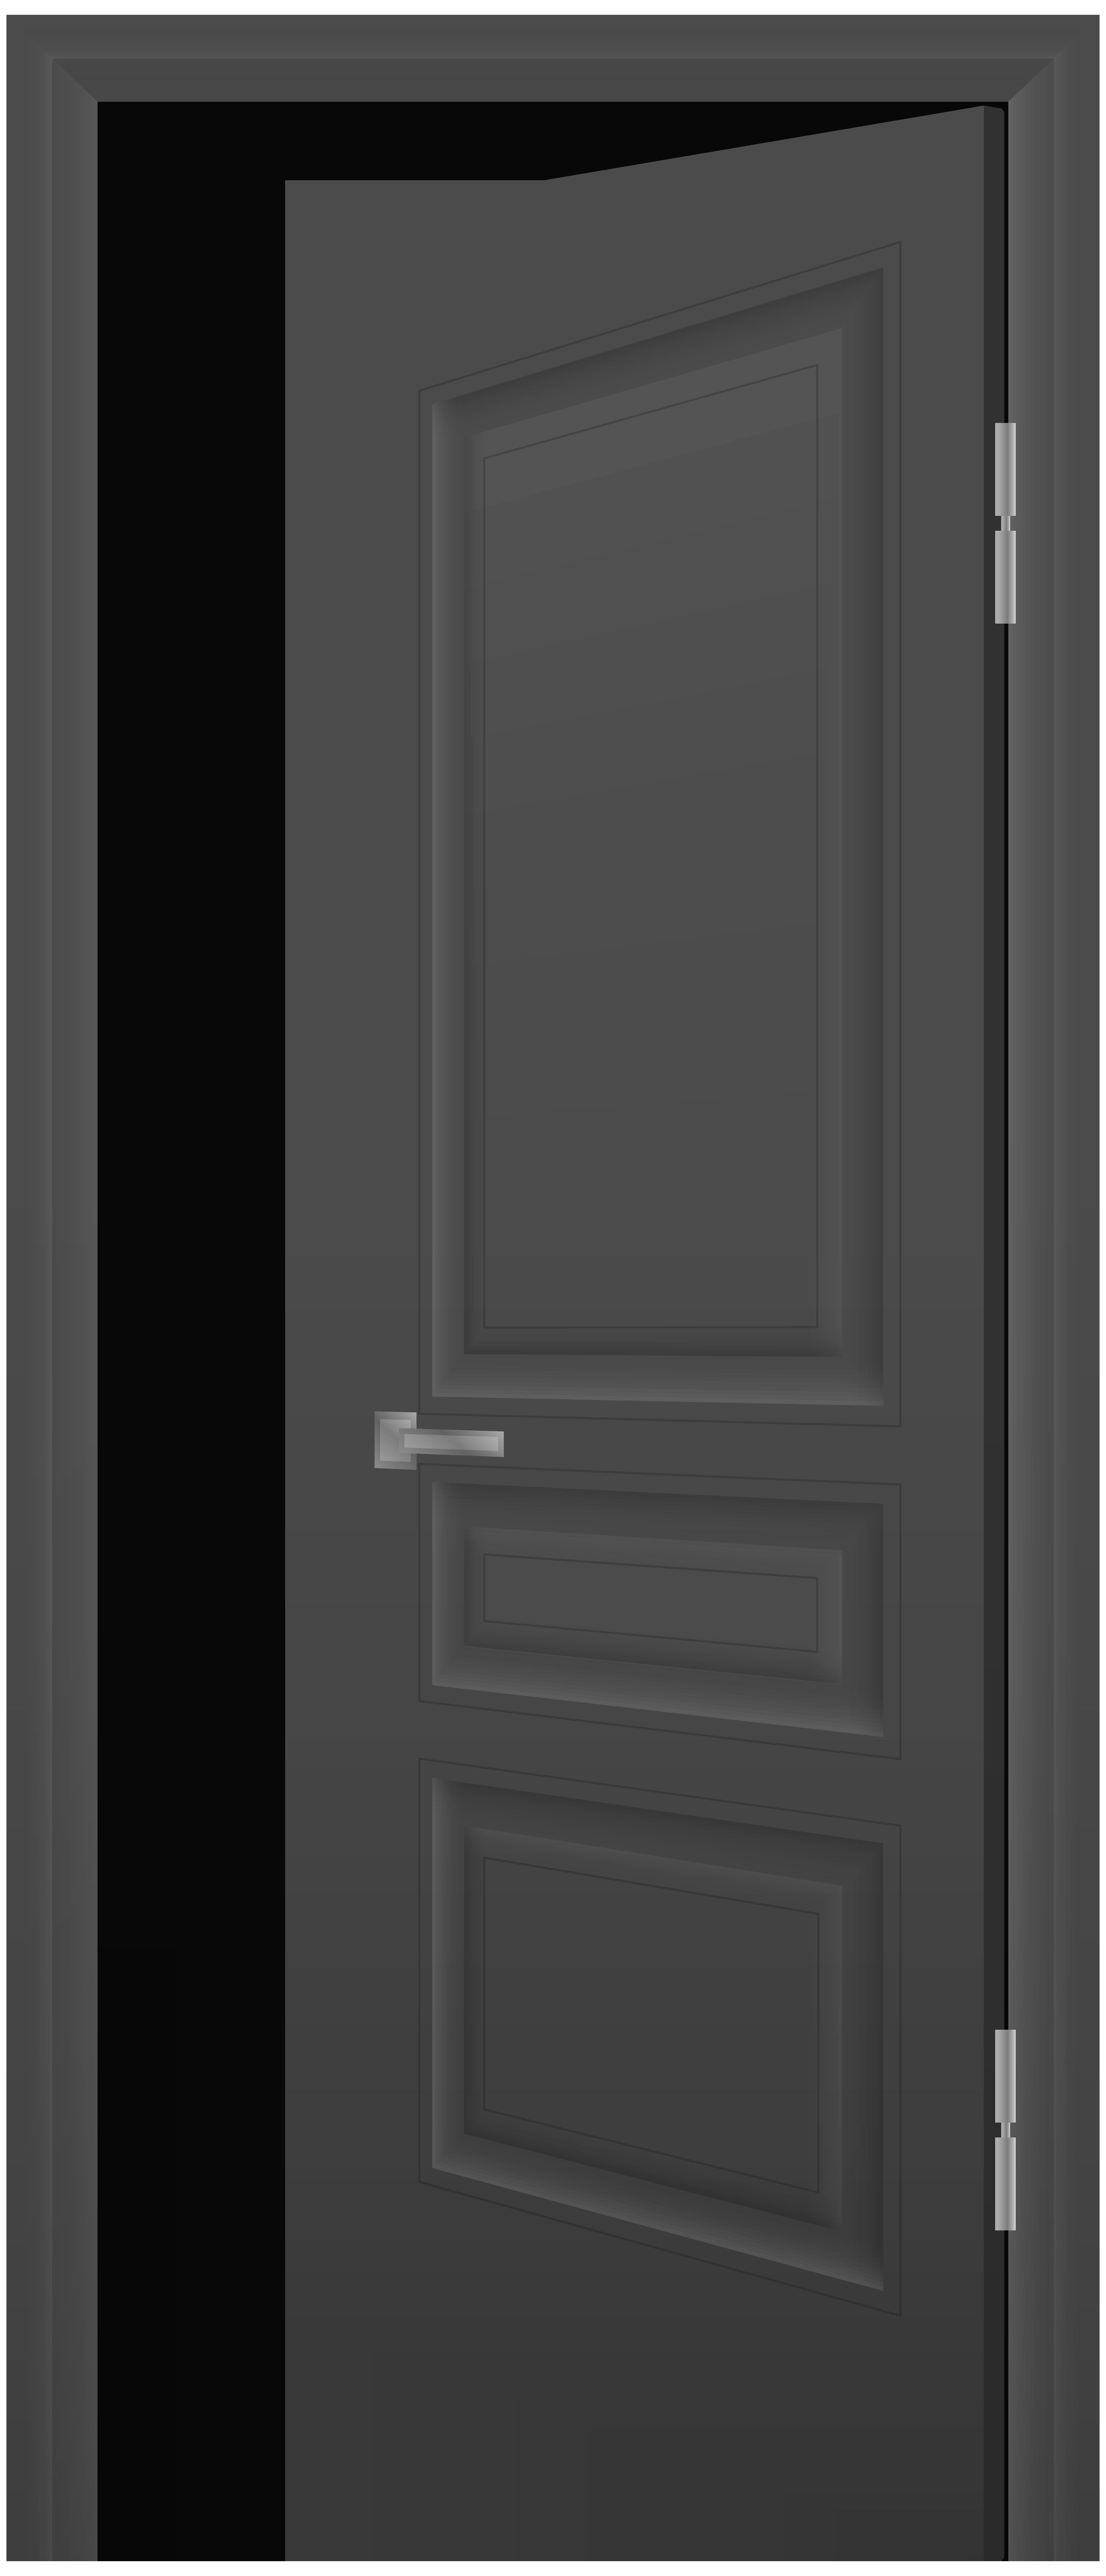 Door clipart opened door. Inspiration open decorating of